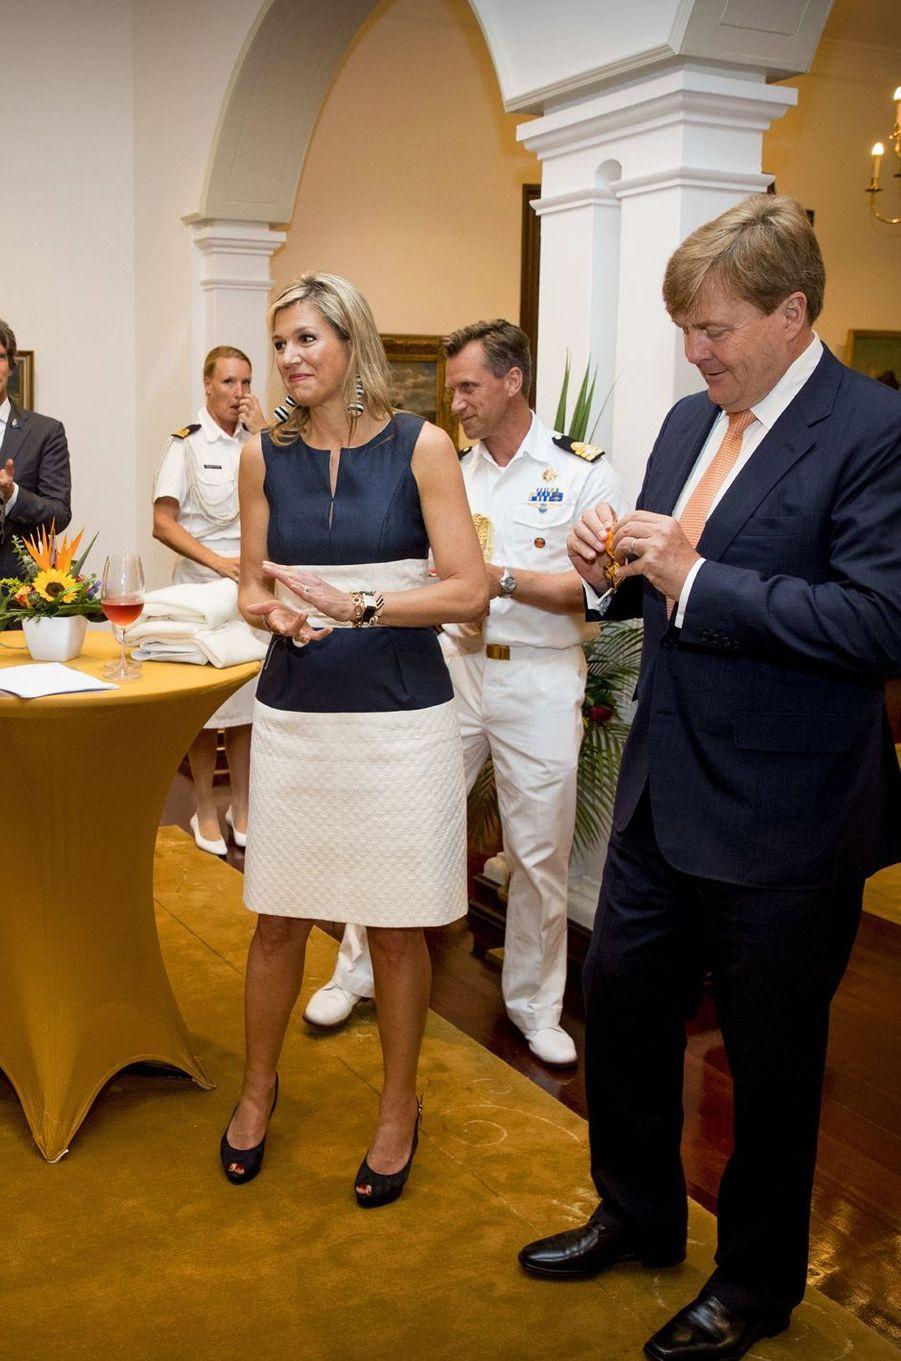 La reine Maxima et le roi Willem-Alexander des Pays-Bas à Willemstad sur l'île néerlandaise de Curaçao, le 1er juillet 2018